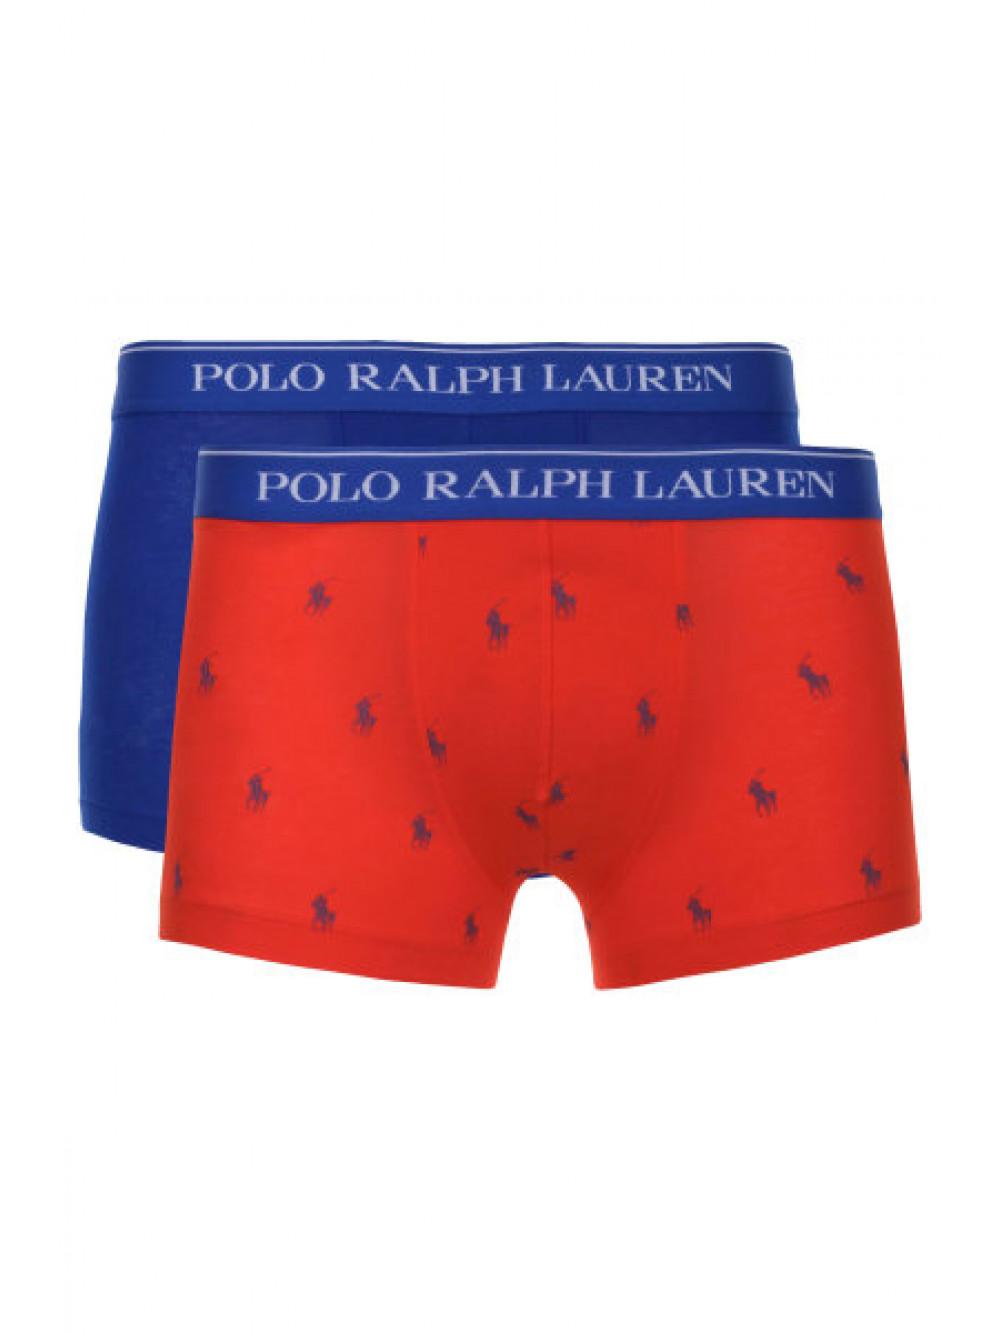 Pánske boxerky Polo Ralph Lauren Classic Trunk Stretch Cotton 2-pack modré, červené